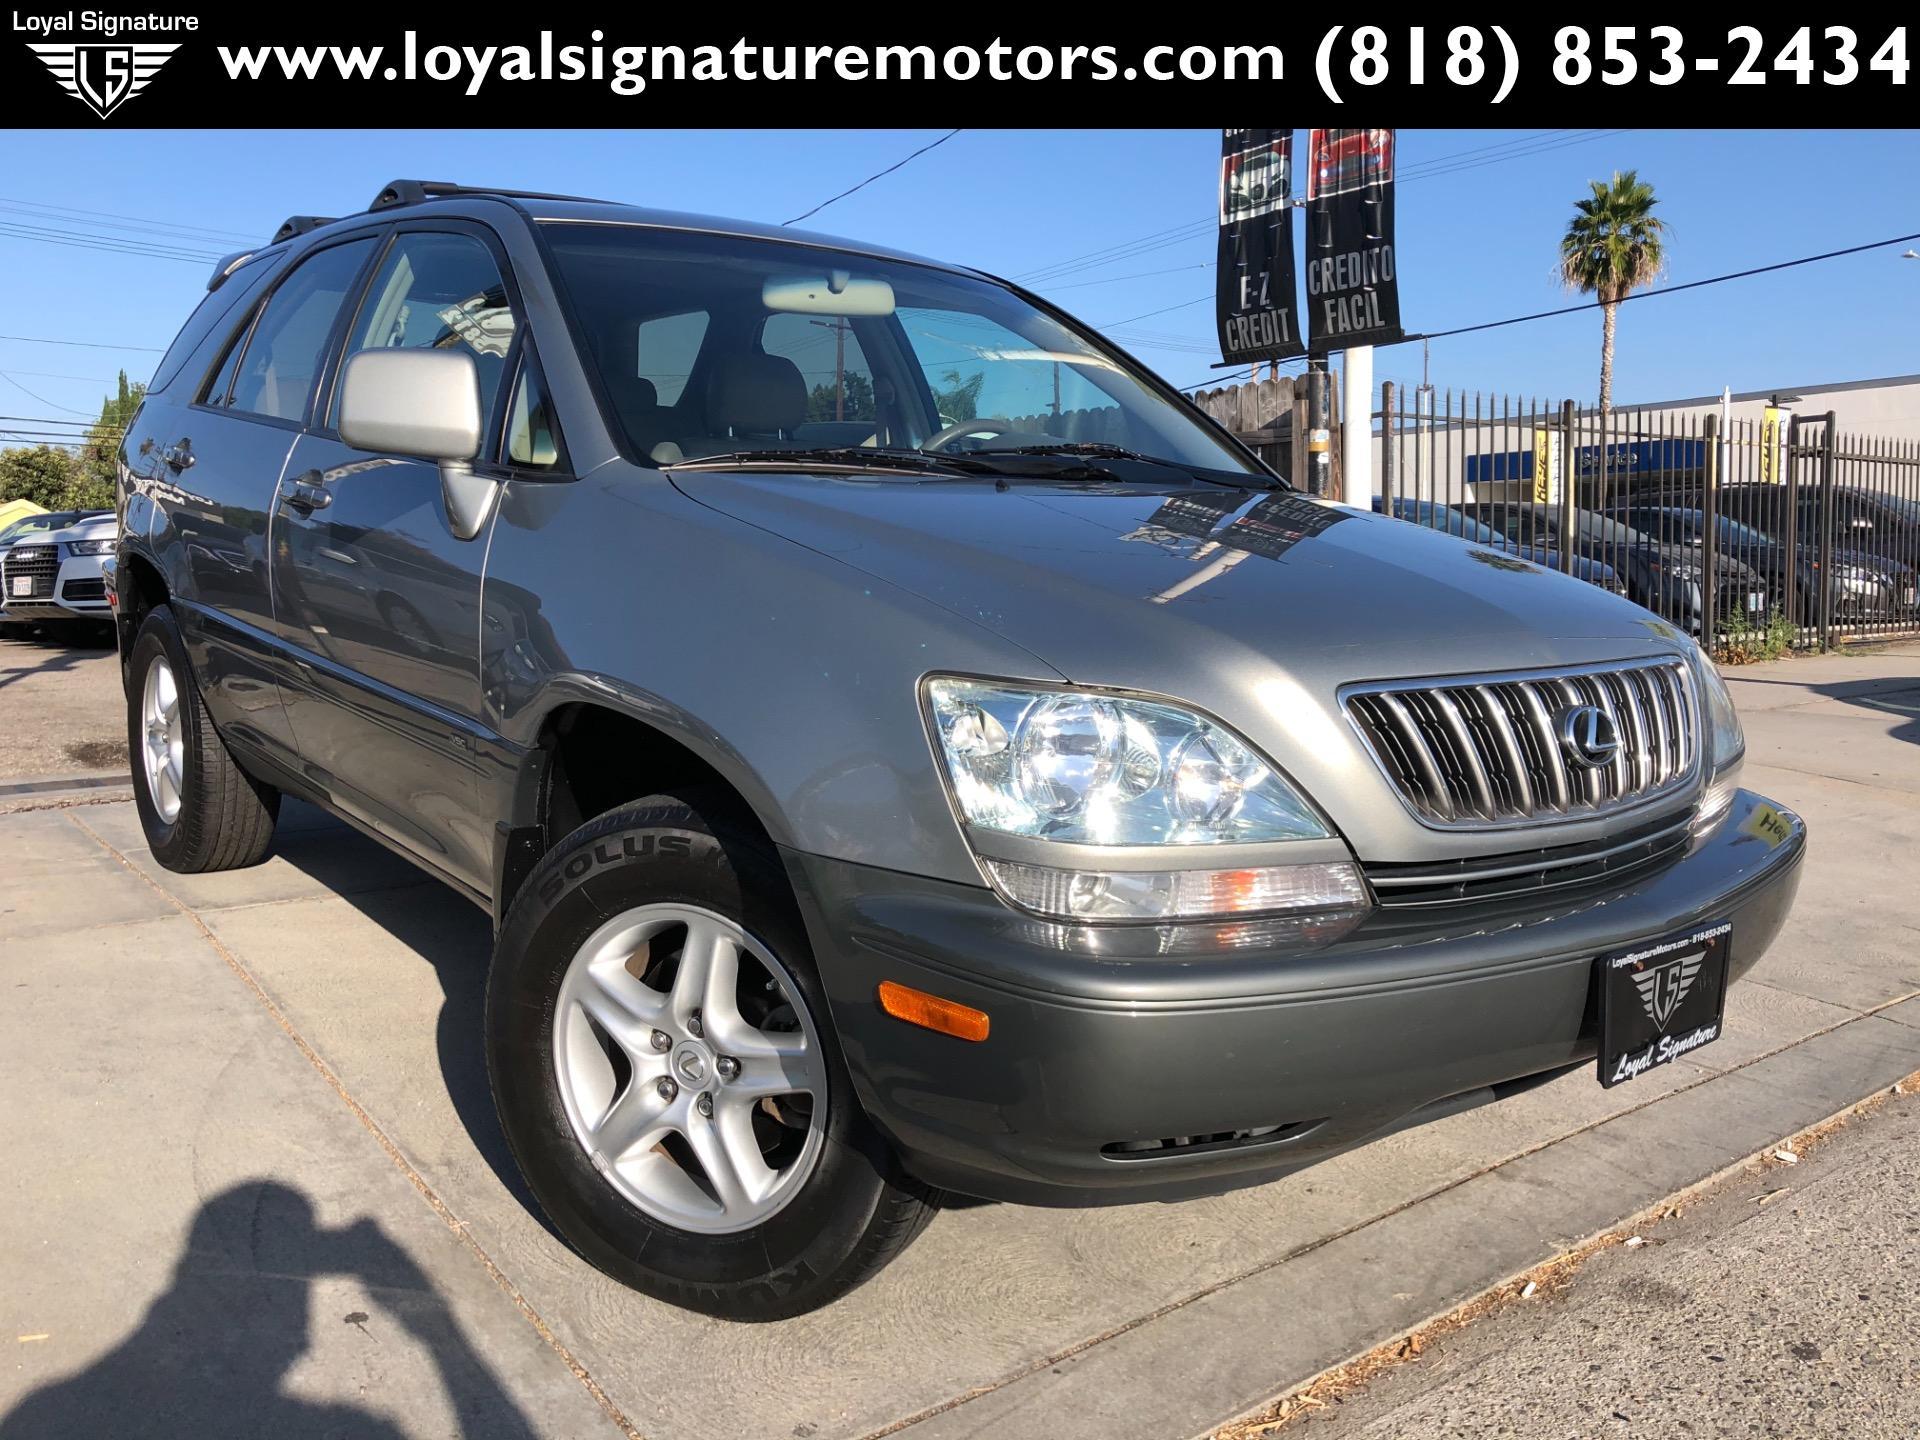 Used 2002 Lexus RX 300 Base | Van Nuys, CA